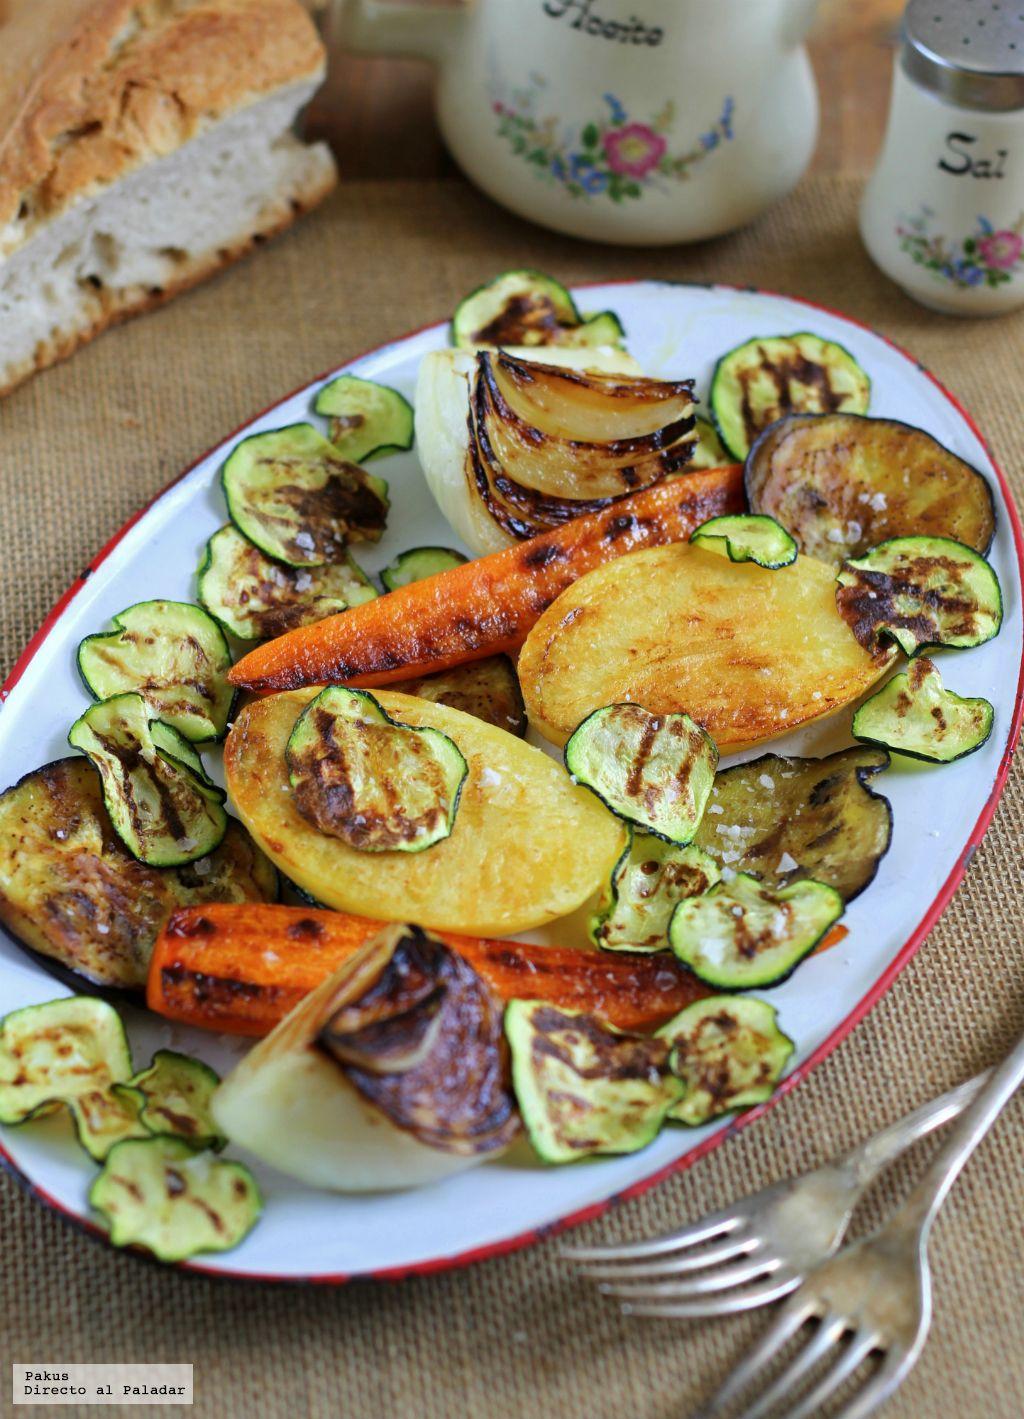 Cmo hacer una parrillada de verduras perfecta barbacoa foods and aunque al pensar en parrilladas la mayora piensa en deliciosas barbacoas de carne asados argentinos barbacoaasado argentinocarne3thermomix vegetarian forumfinder Gallery